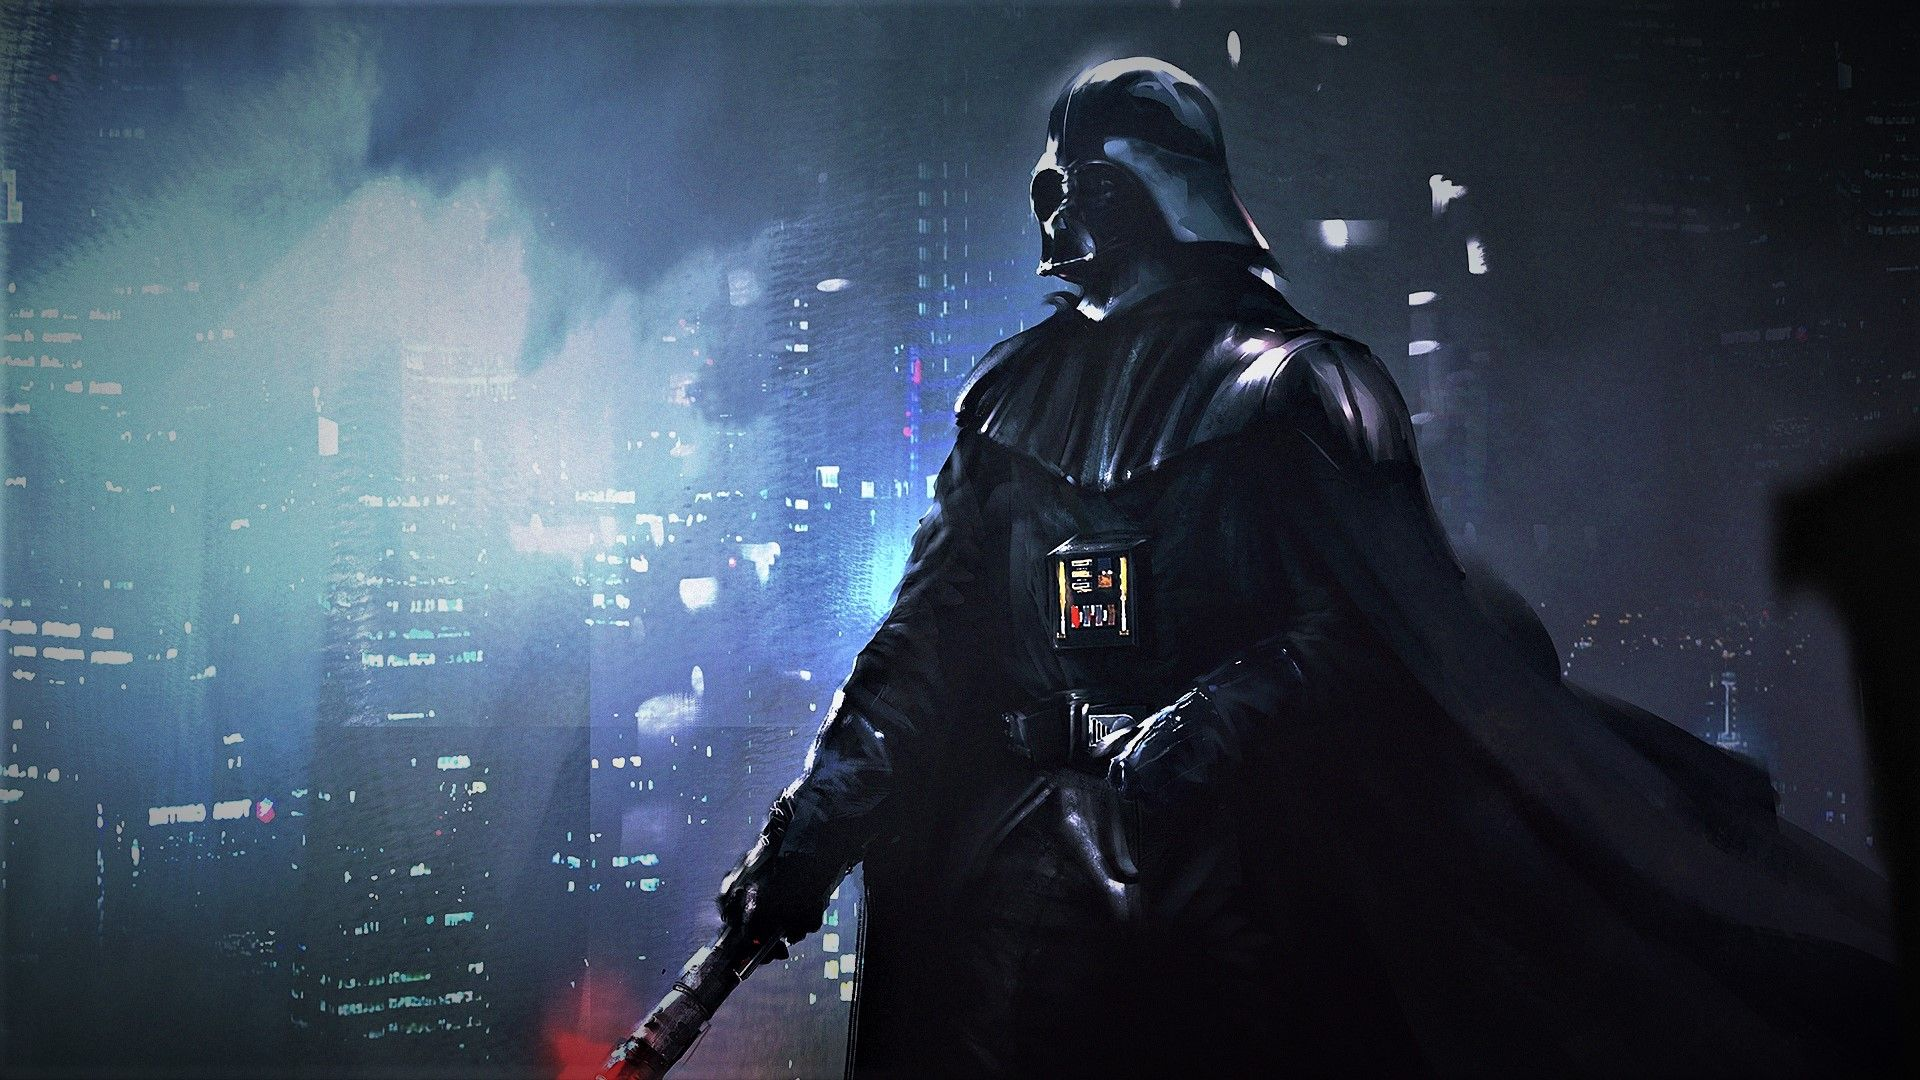 Dark Side Darth Vader Wallpaper Star Wars Wallpaper Darth Vader 4k Wallpaper